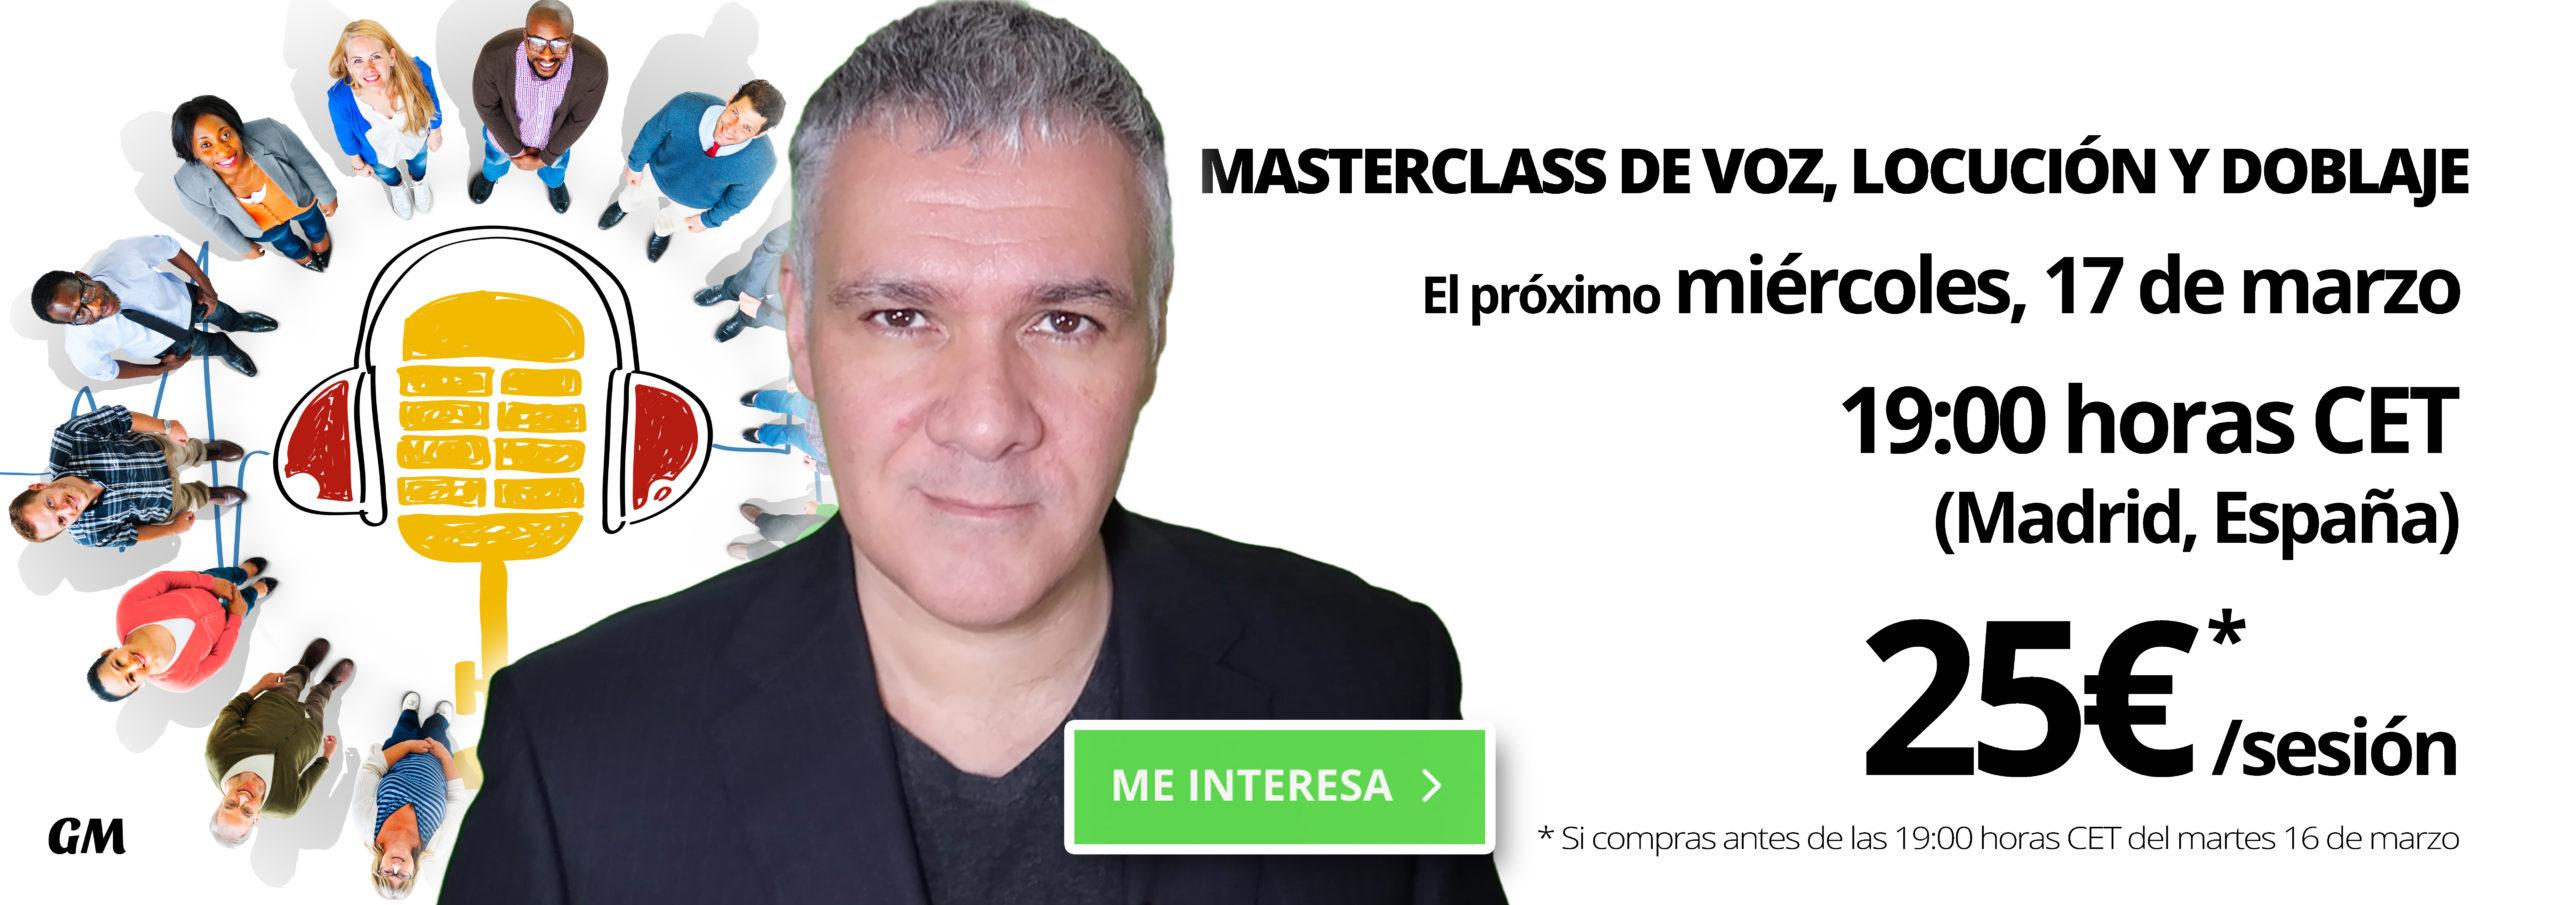 MASTERCLASSS GUILLERMO MORANTE MARZO